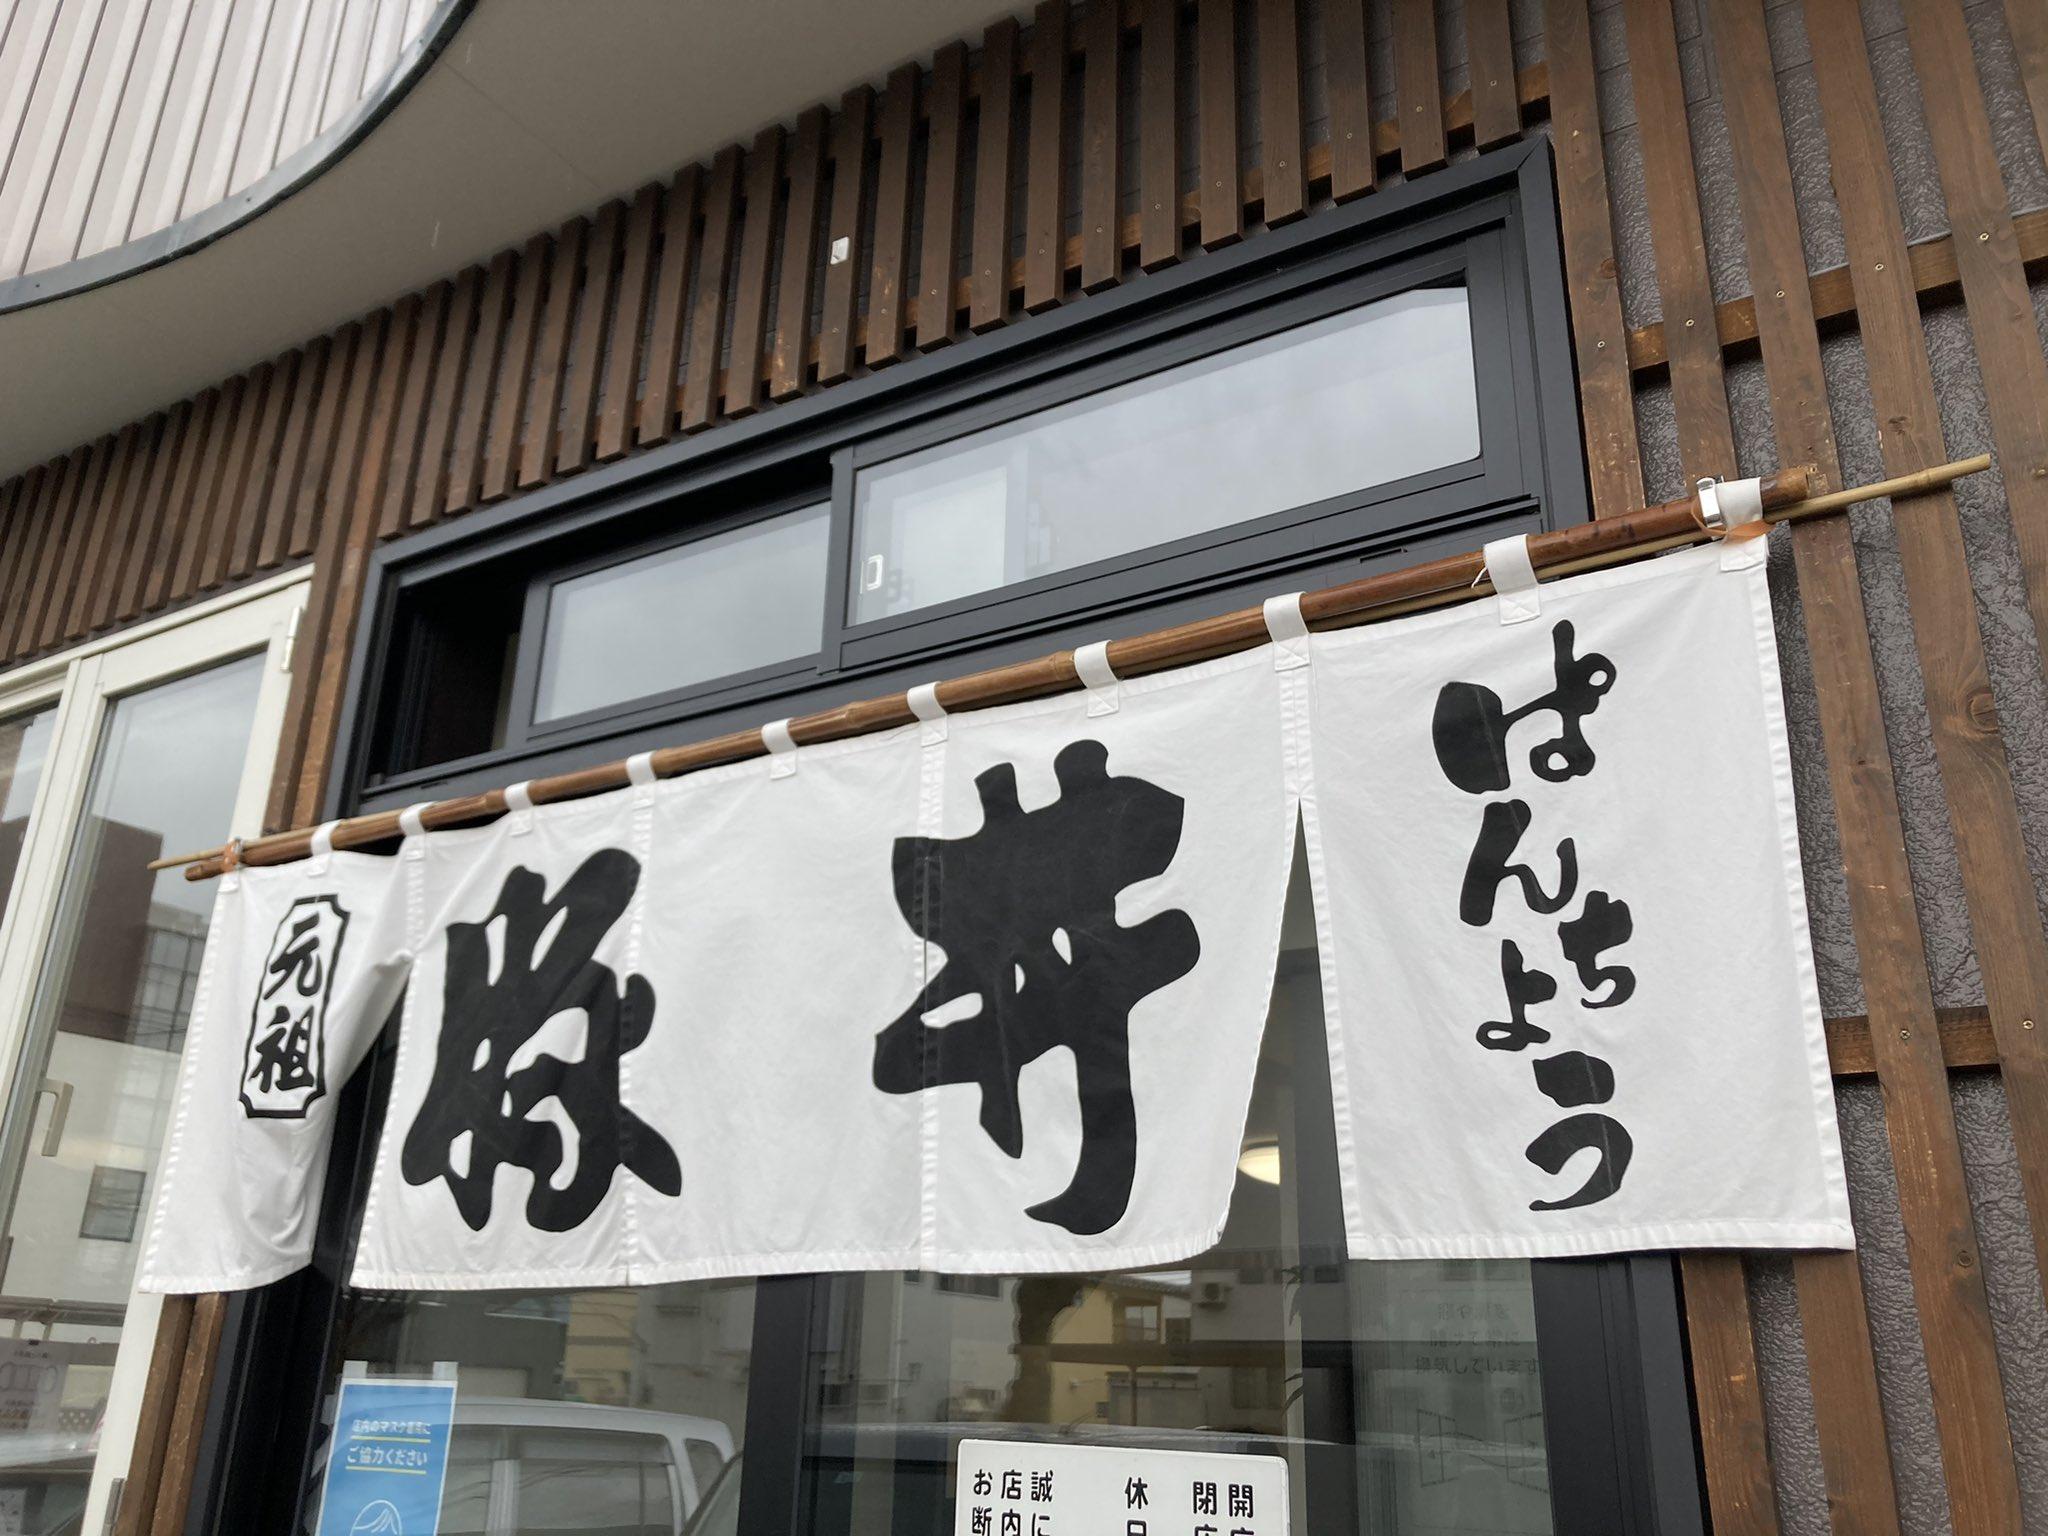 帯広の老舗豚丼店・ぱんちょう入り口